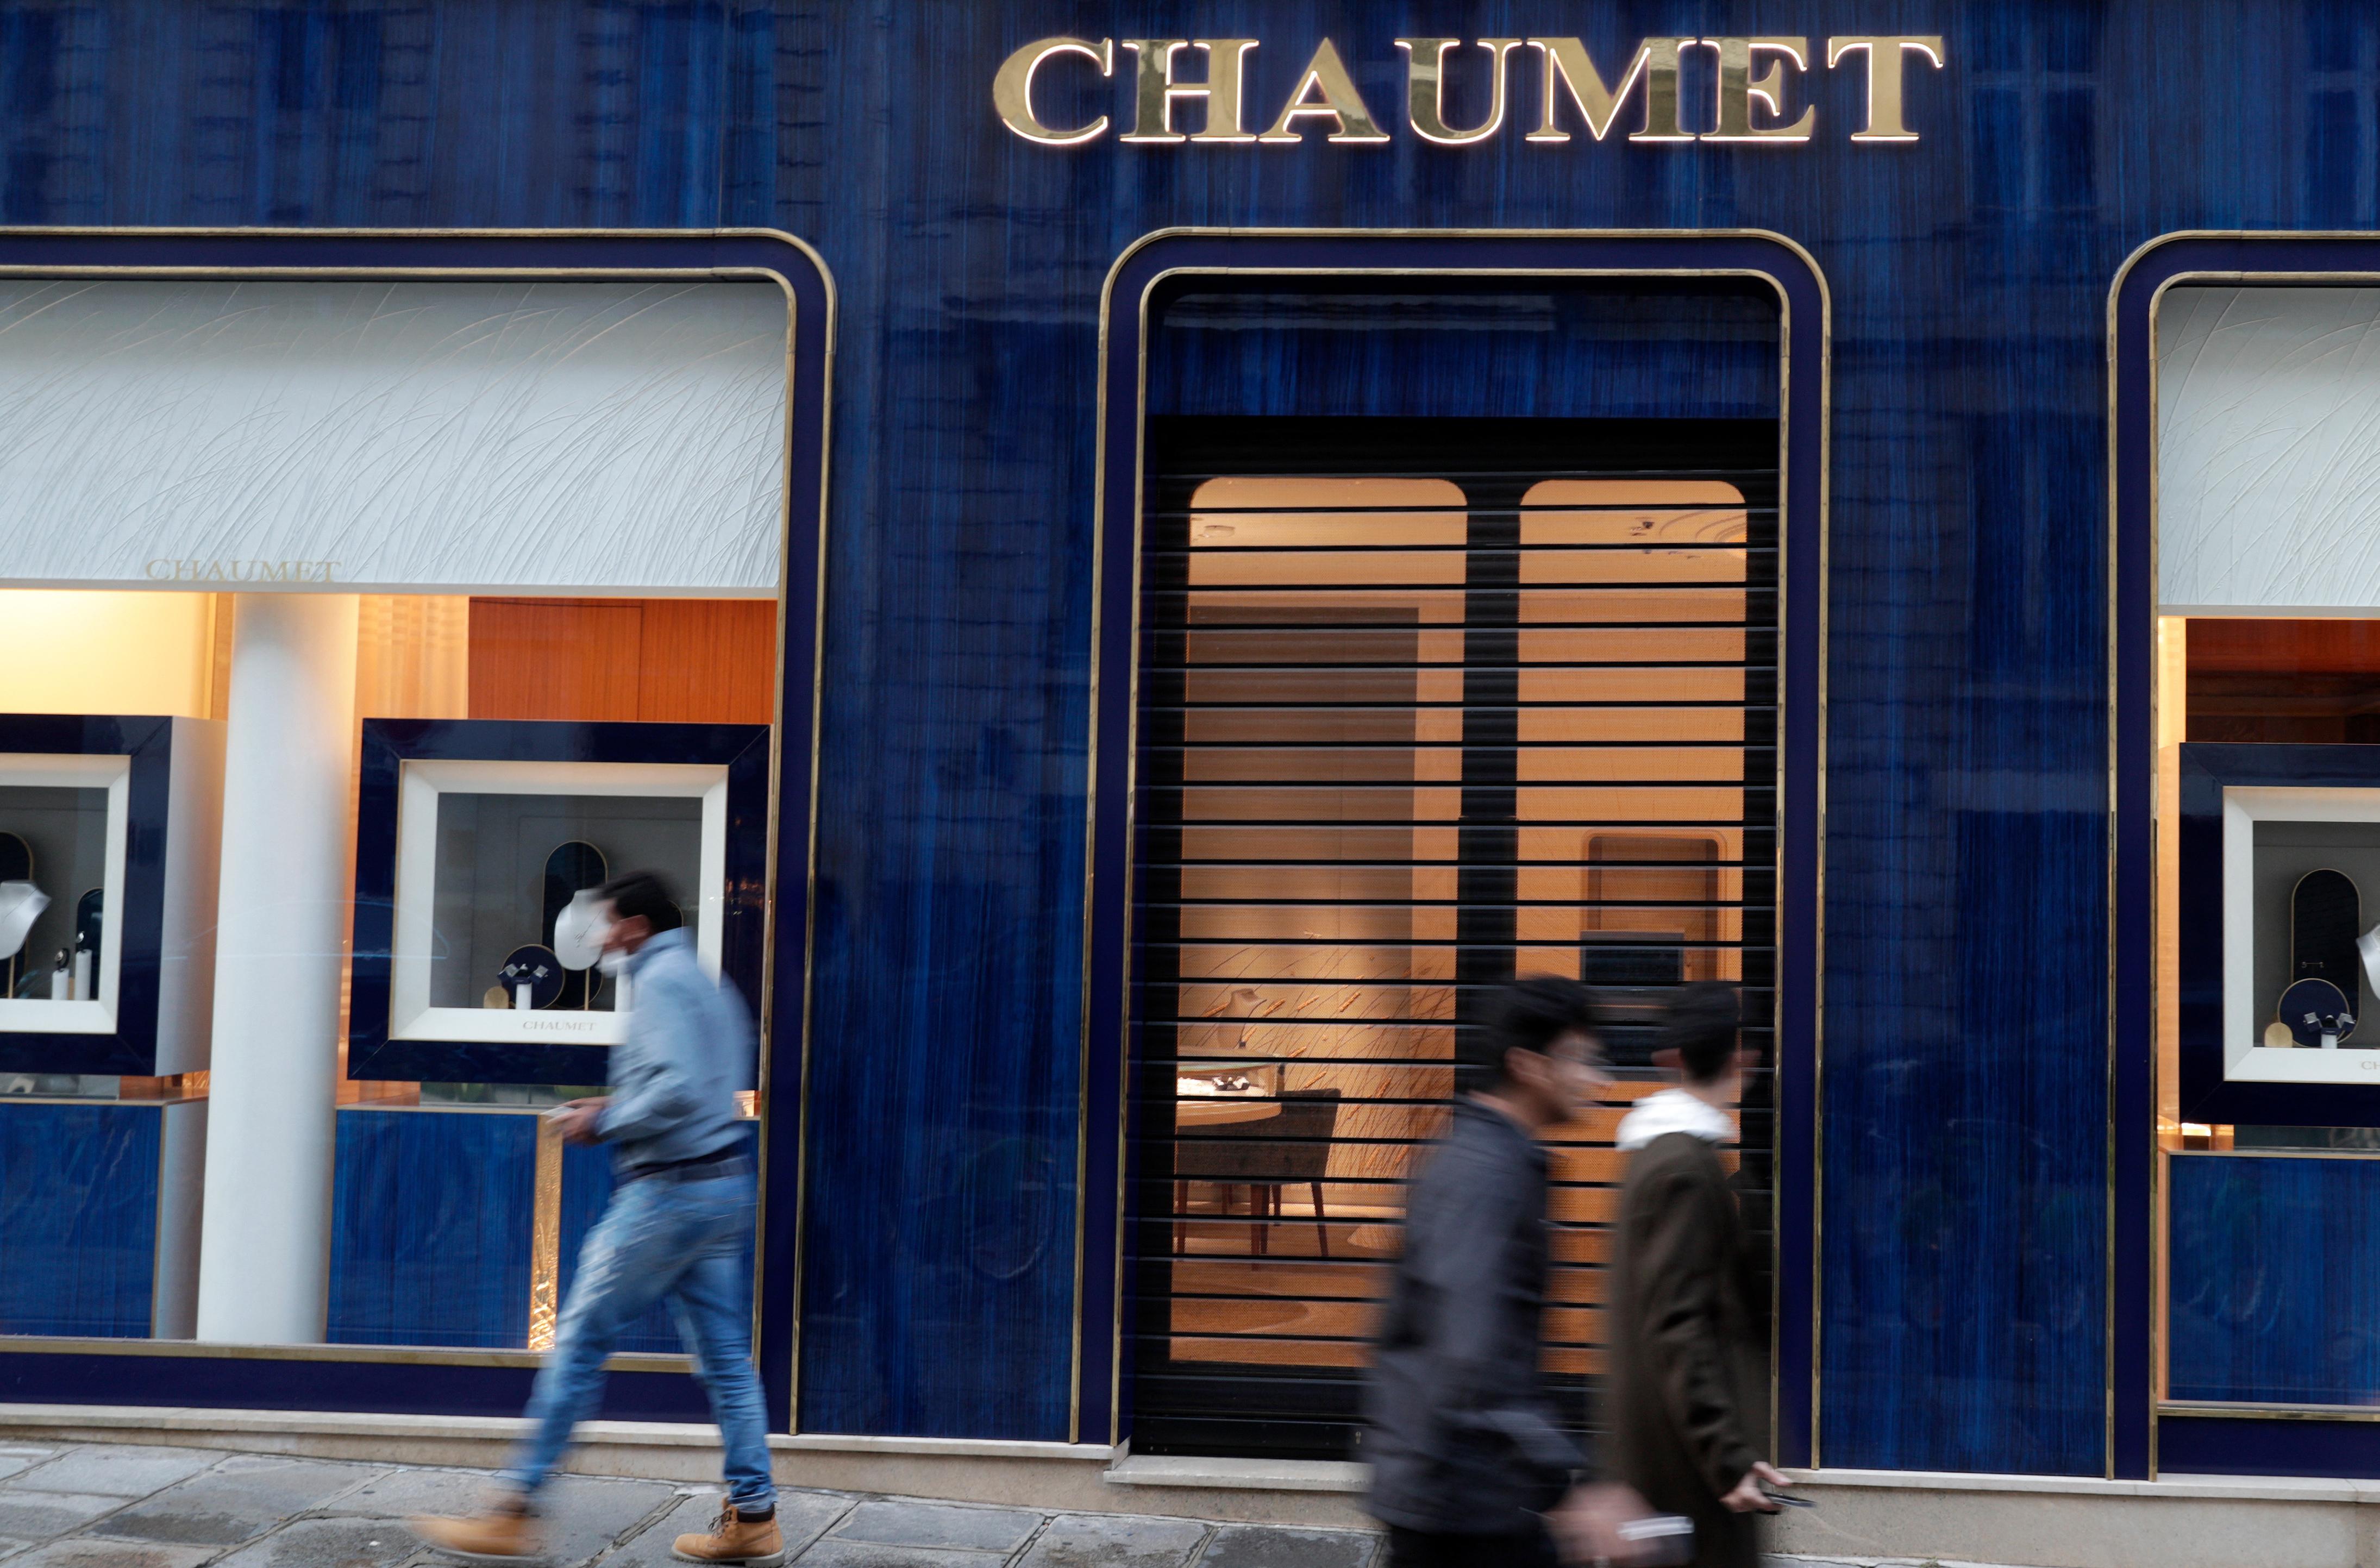 Agyonlőttek egy férfit Párizs egyik kórházi oltóközpontjánál, egy nő életveszélyesen megsérült